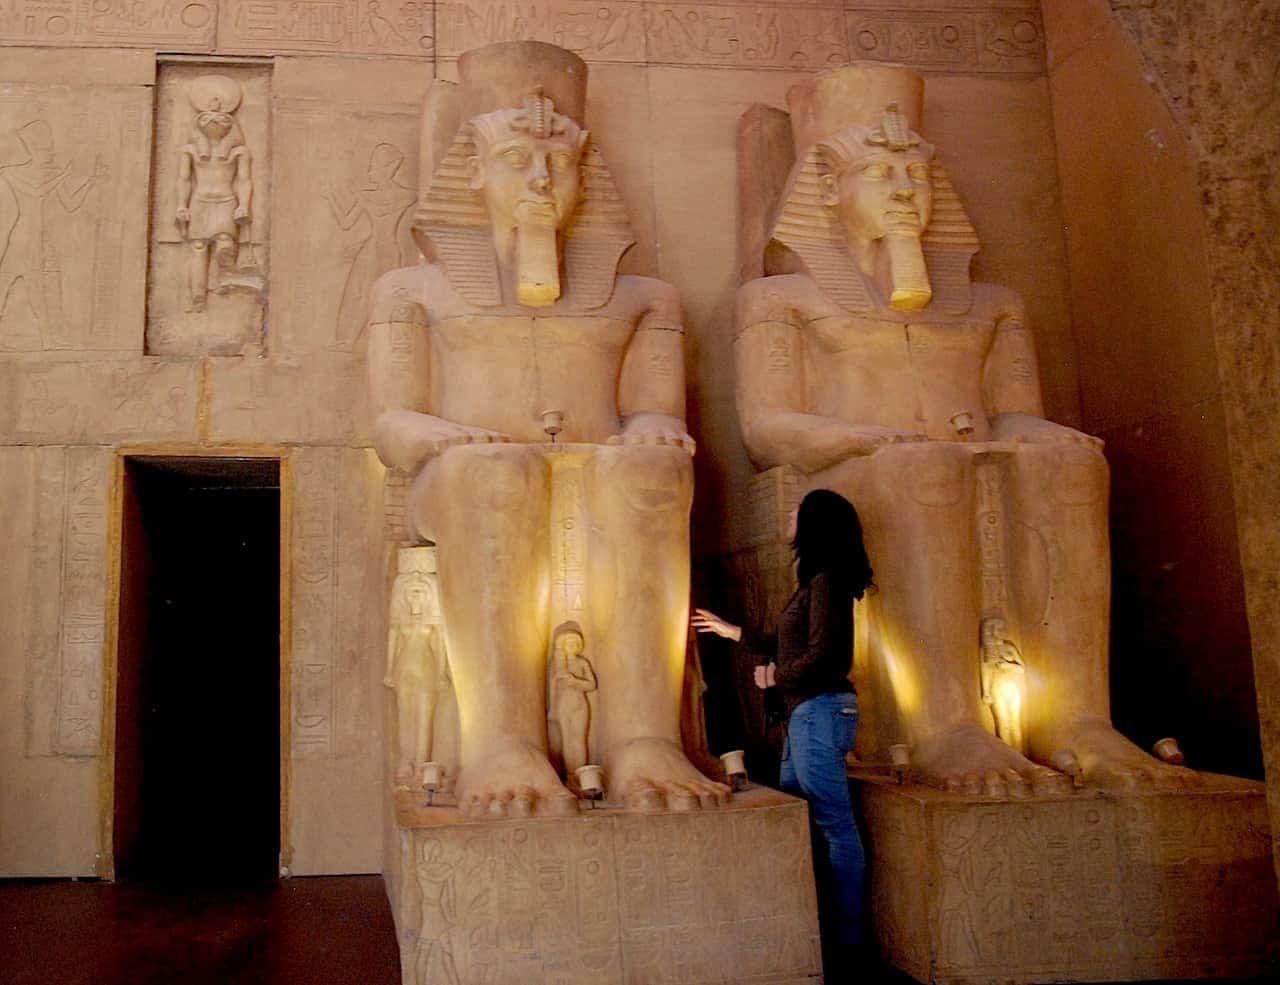 Reproducción de la fachada de Abu Simbel conmigo delante observando uno de los dioses